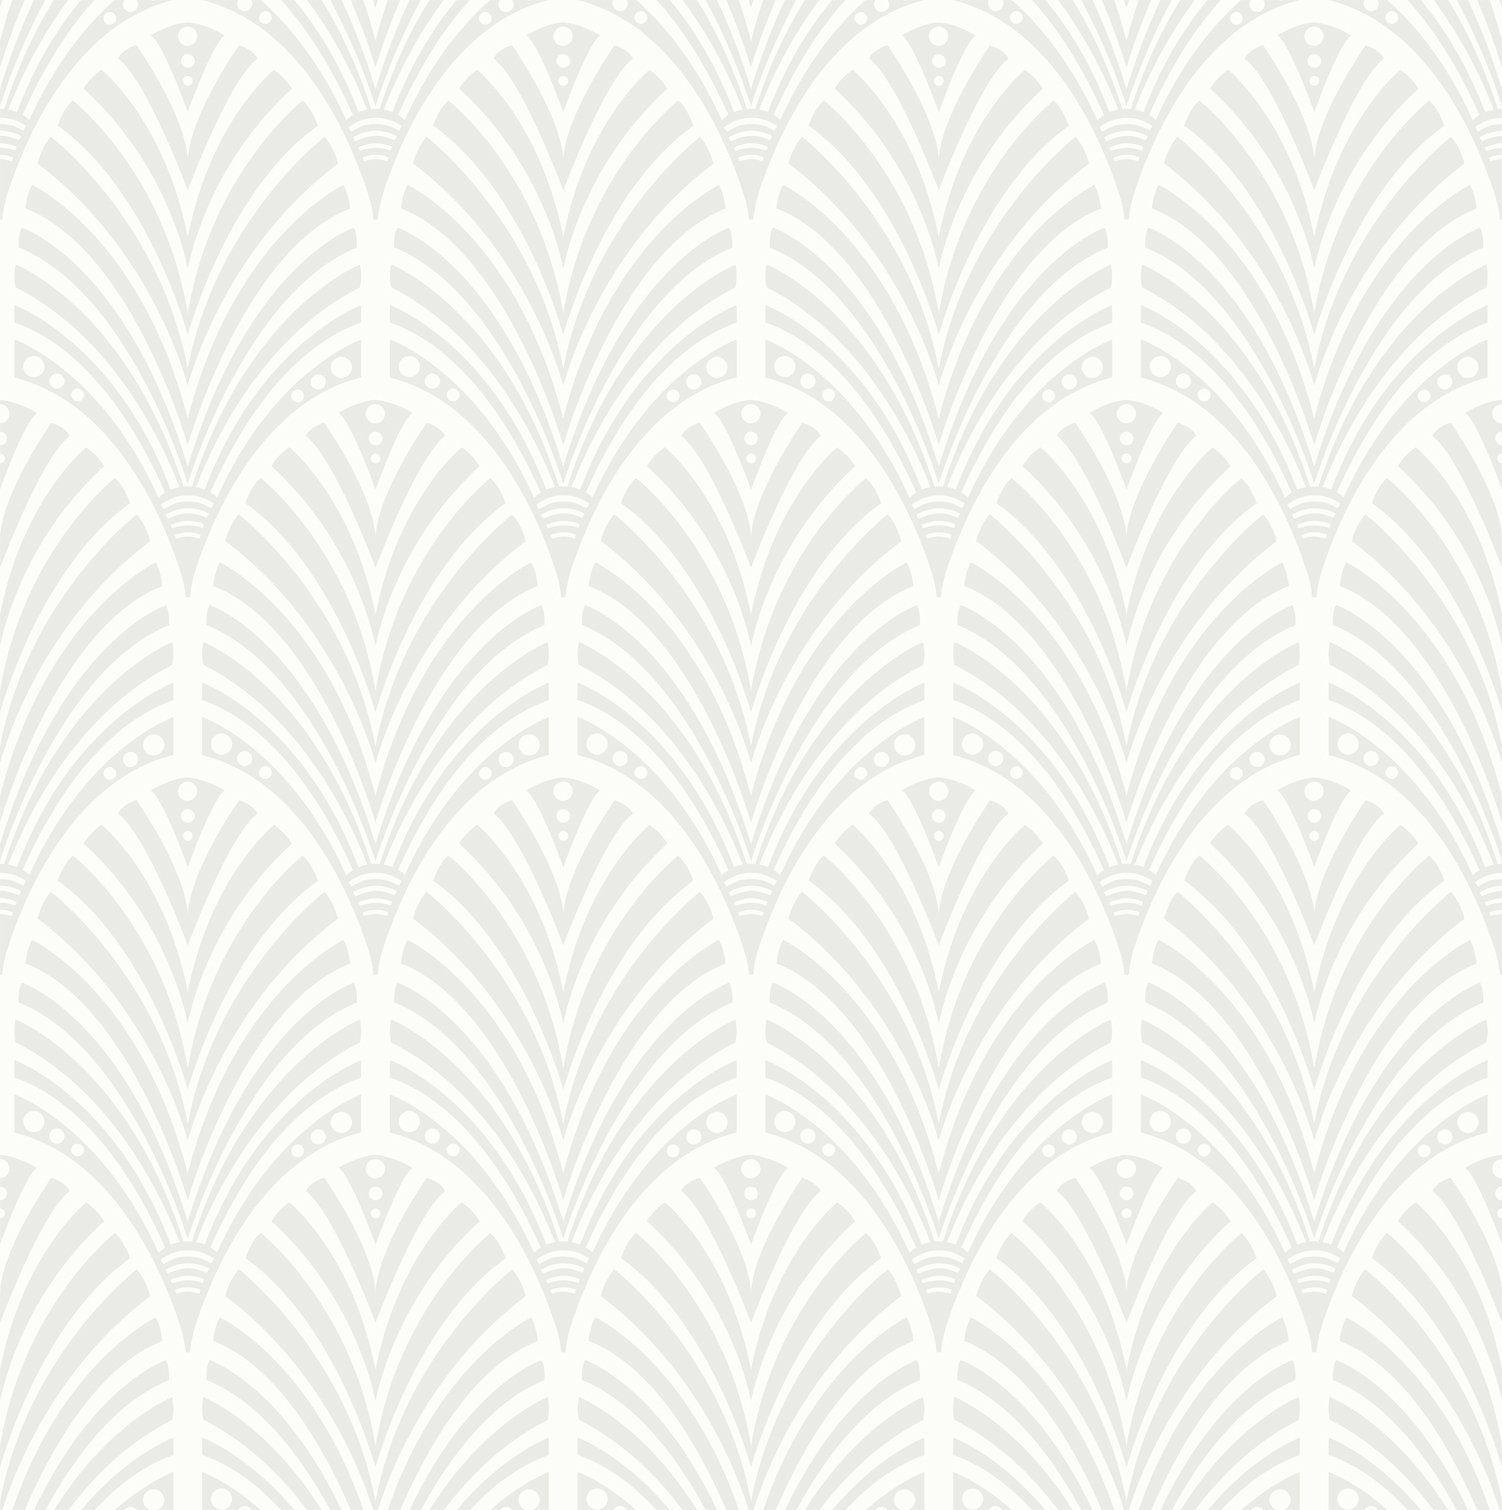 Vogue Black White Grey Striped Wallpaper Amazon Co Uk Grey Striped Wallpaper Striped Wallpaper Gold Striped Wallpaper